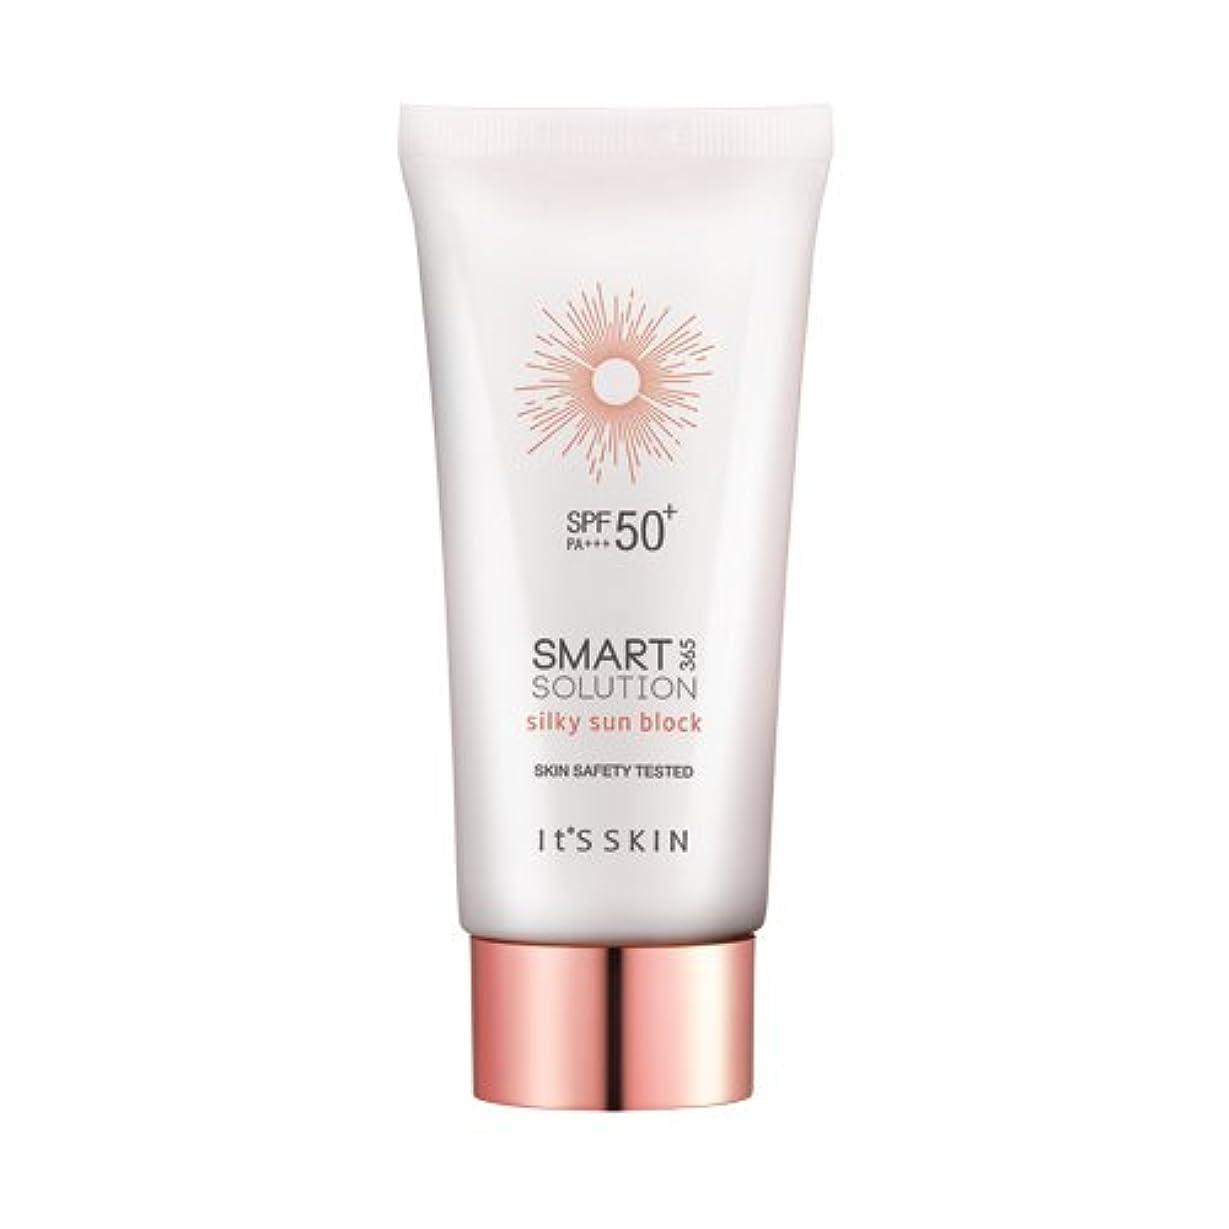 小説祈るメドレー[イッツスキン/Its skin]スマートソリューション 365シルキーサンブロック (SPF50+ PA+++) (Smart solution 365 silky sun block)